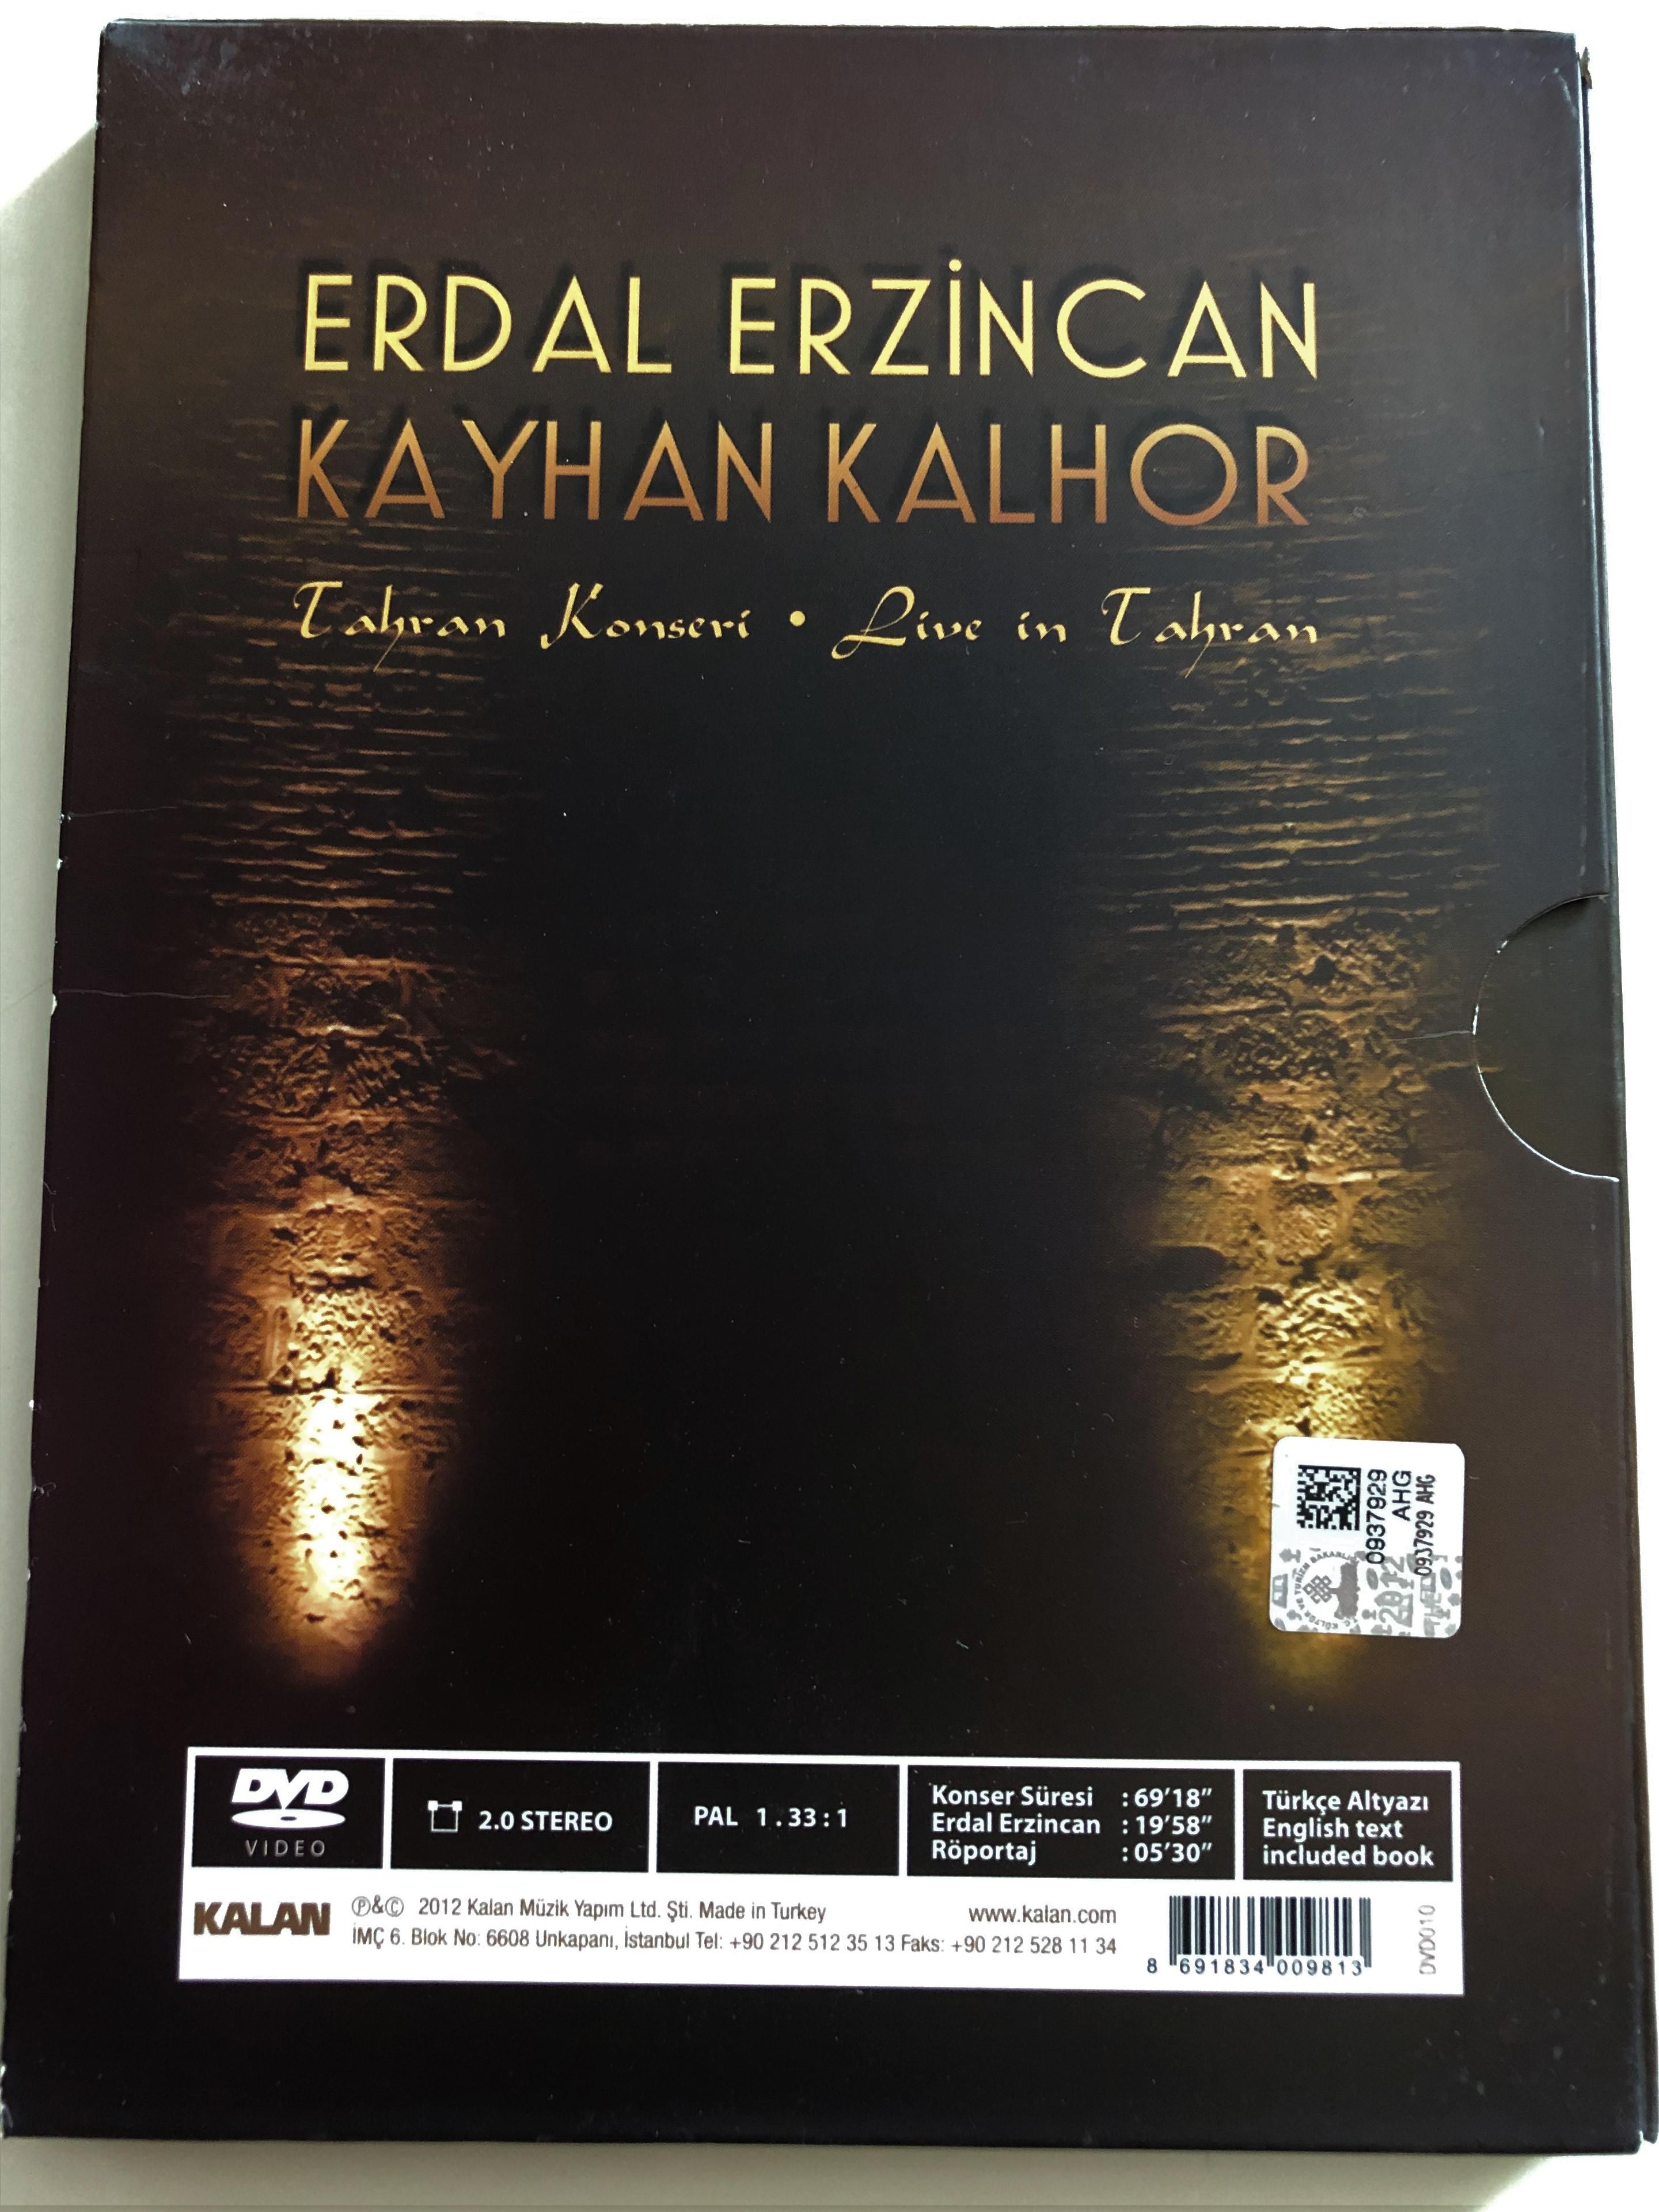 erdal-erzincan-kayhan-kalhor-tahran-konseri-live-in-tahran-dvd-2012-kalan-m-zik-live-concert-recording-2-.jpg